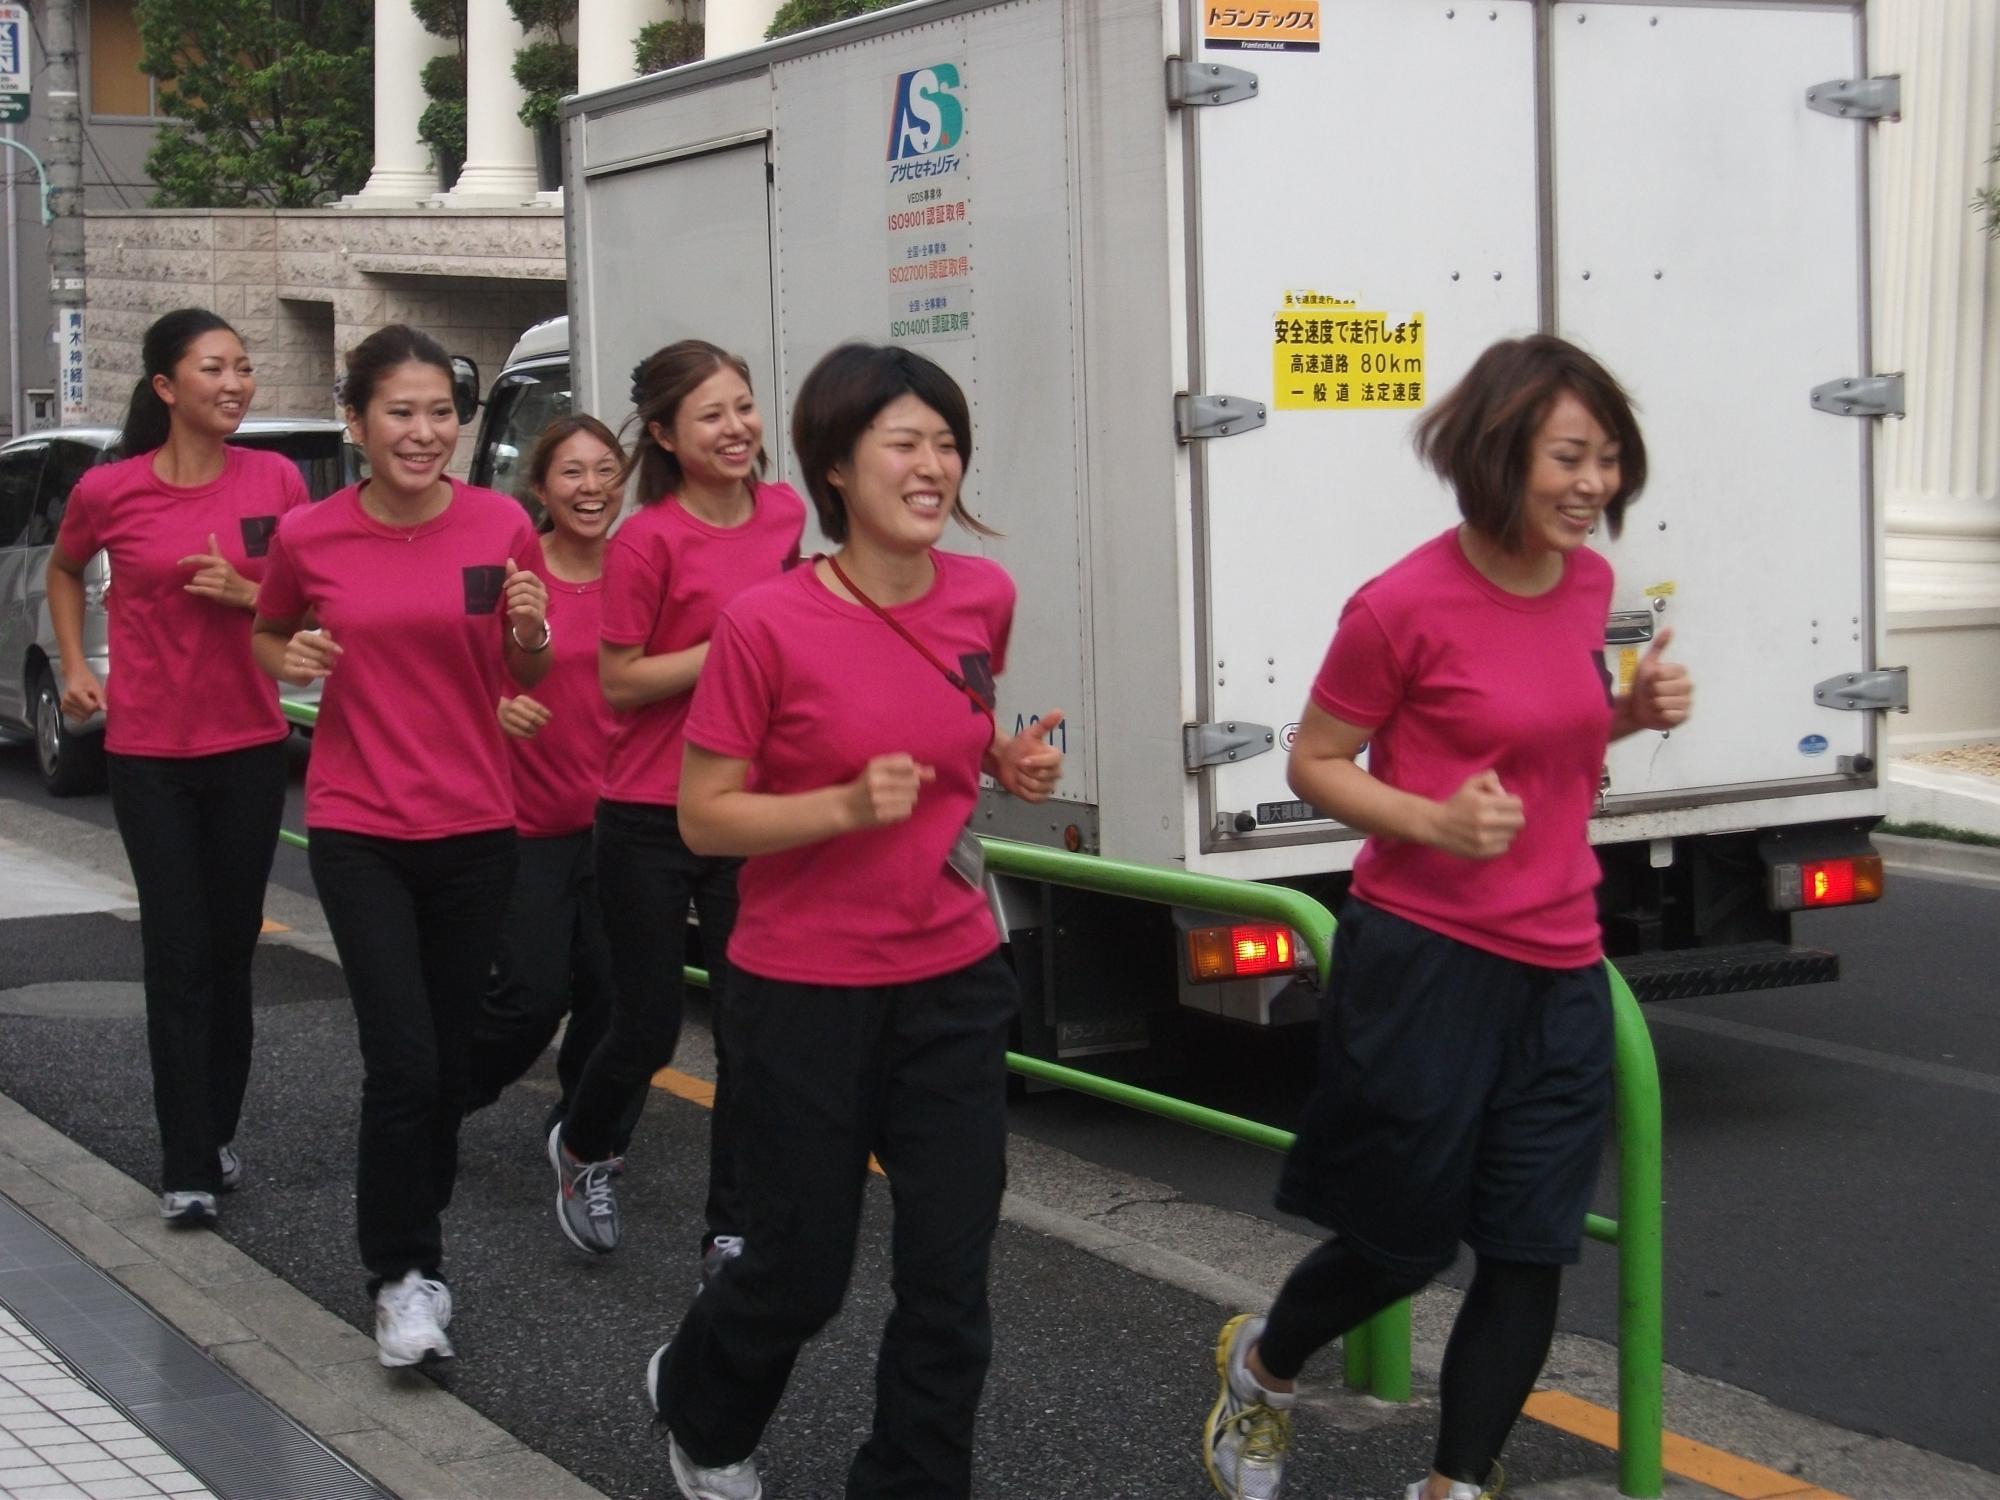 10月10日体育の日、ランニングイベント 『ダイエットRUN』筋トレとランニングで脂肪を燃焼 ~ 女性専用フィットネスクラブ「ボディリペア青山」~